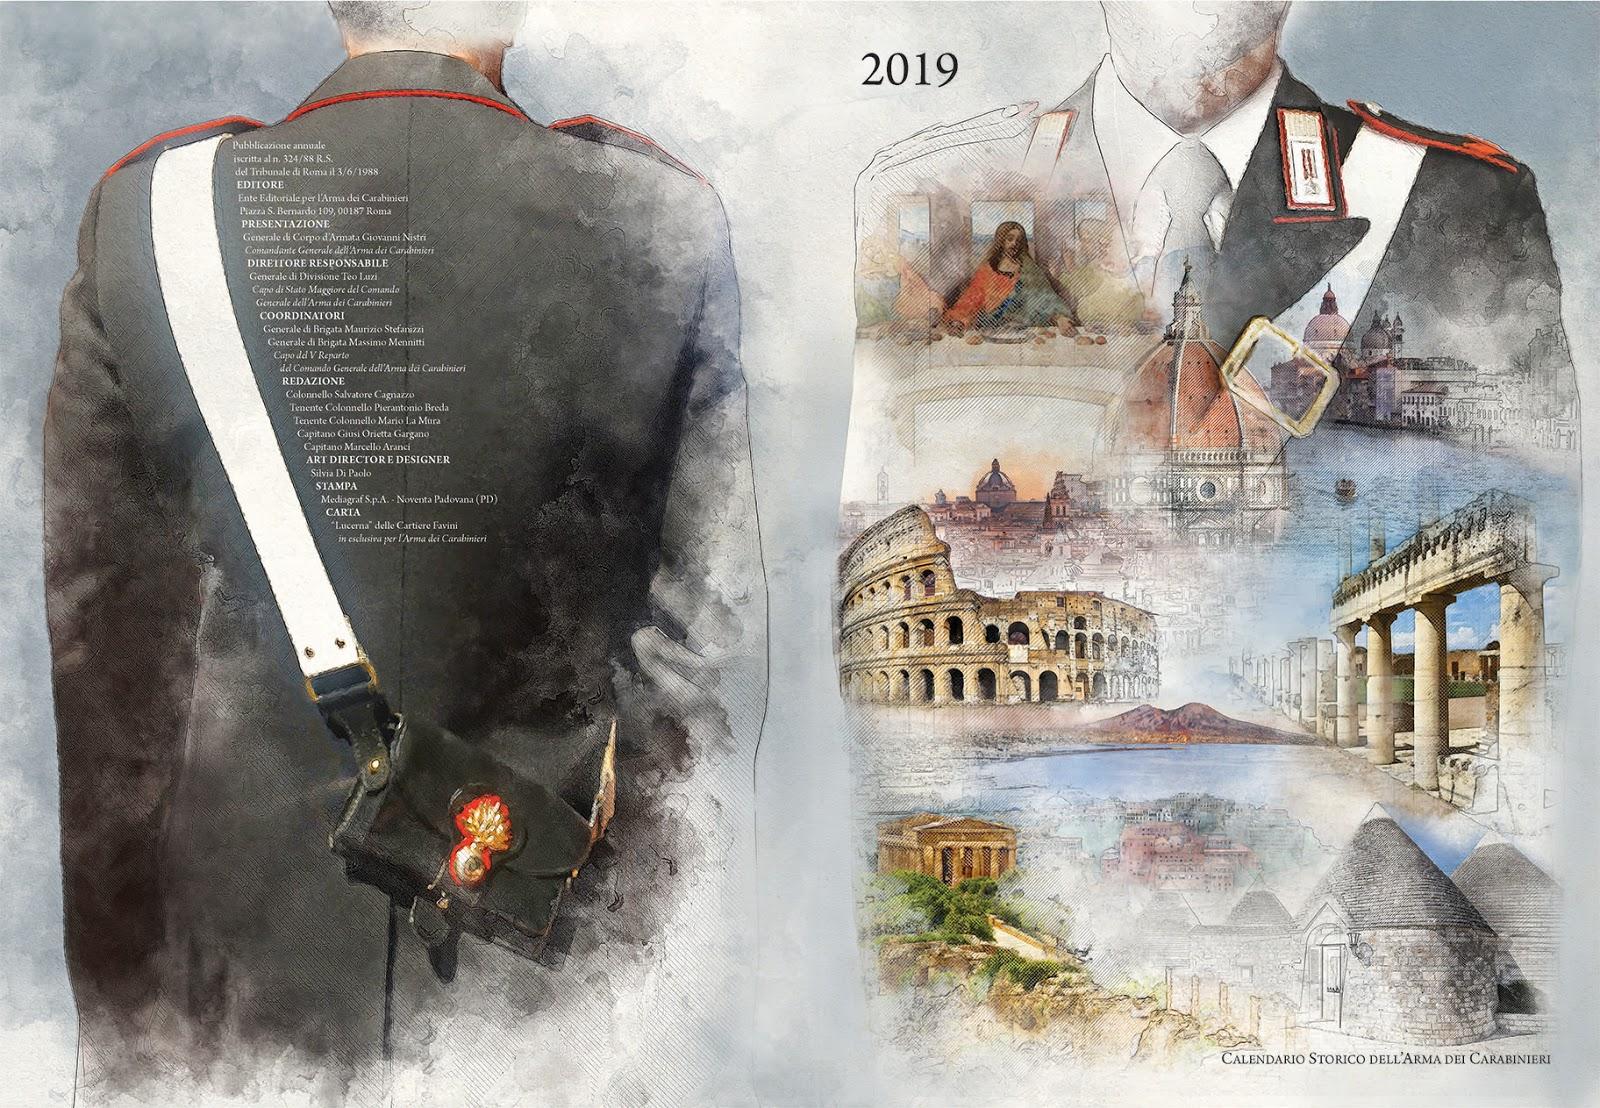 Pagina Di Calendario Luglio 2019.Presentato Il Calendario Storico E L Agenda Storica 2019